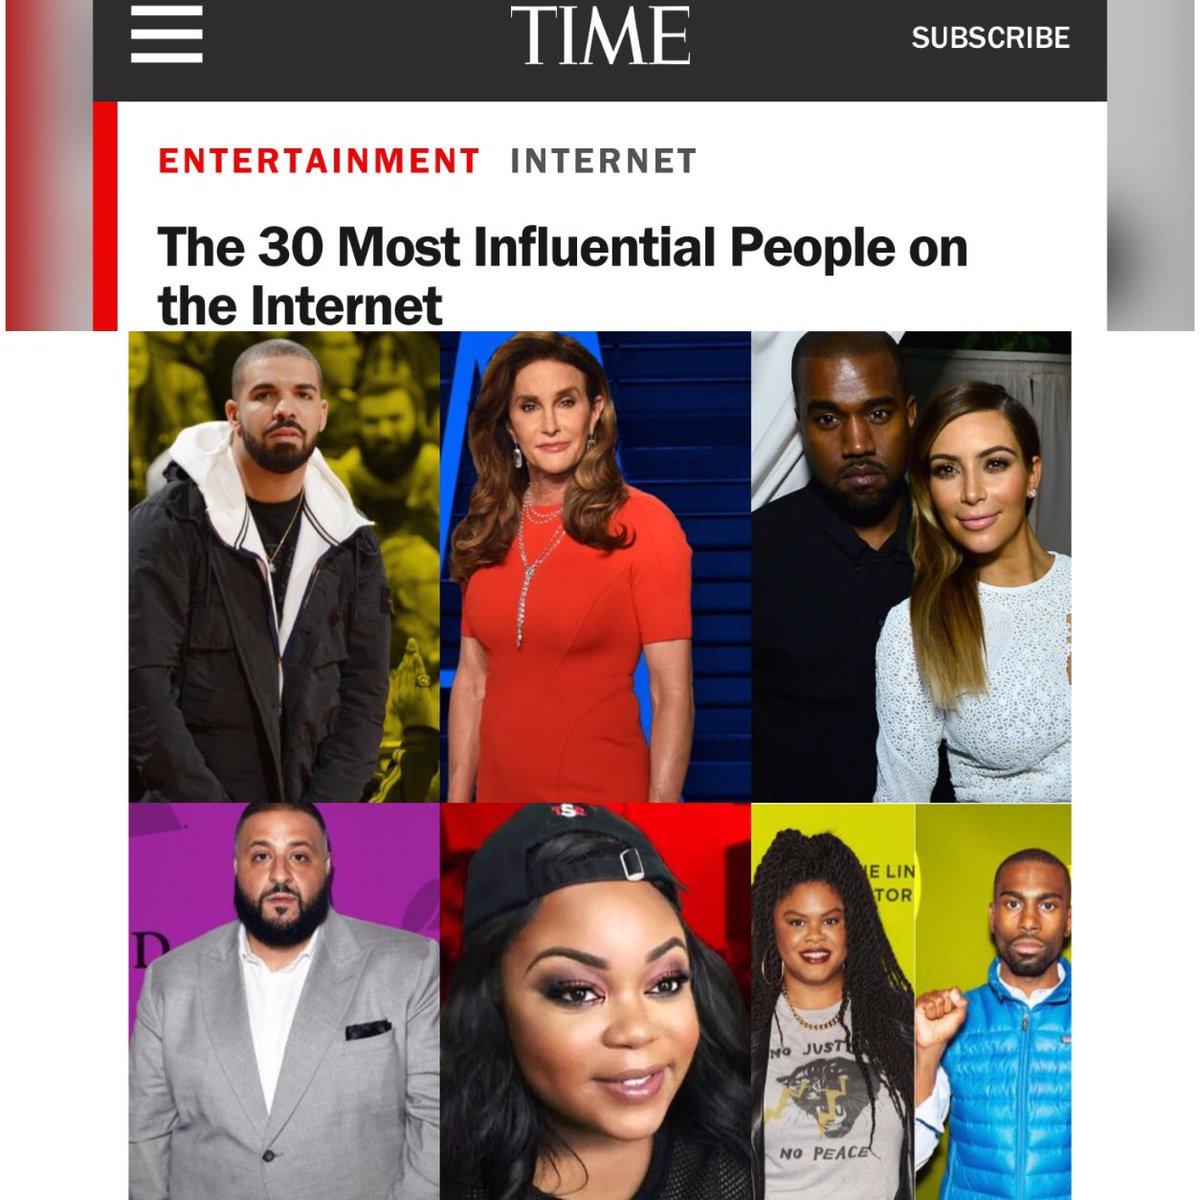 #ThankYou @TIME